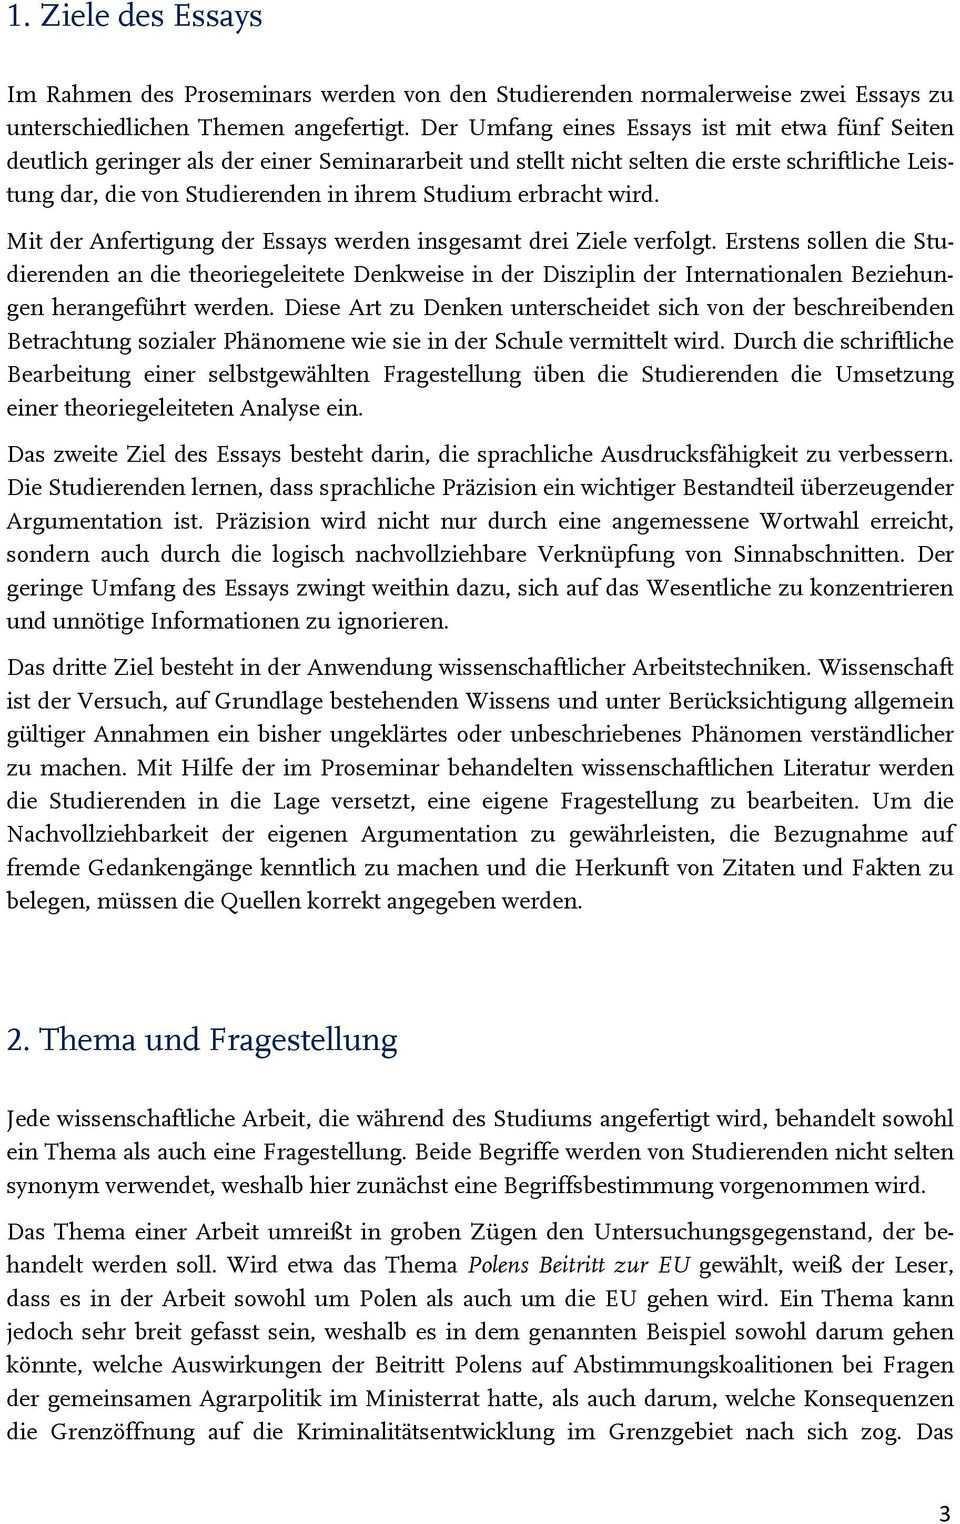 Empfehlungen Fur Die Anfertigung Von Essays Im Proseminar Einfuhrung In Die Internationale Und Europaische Politik Pdf Kostenfreier Download